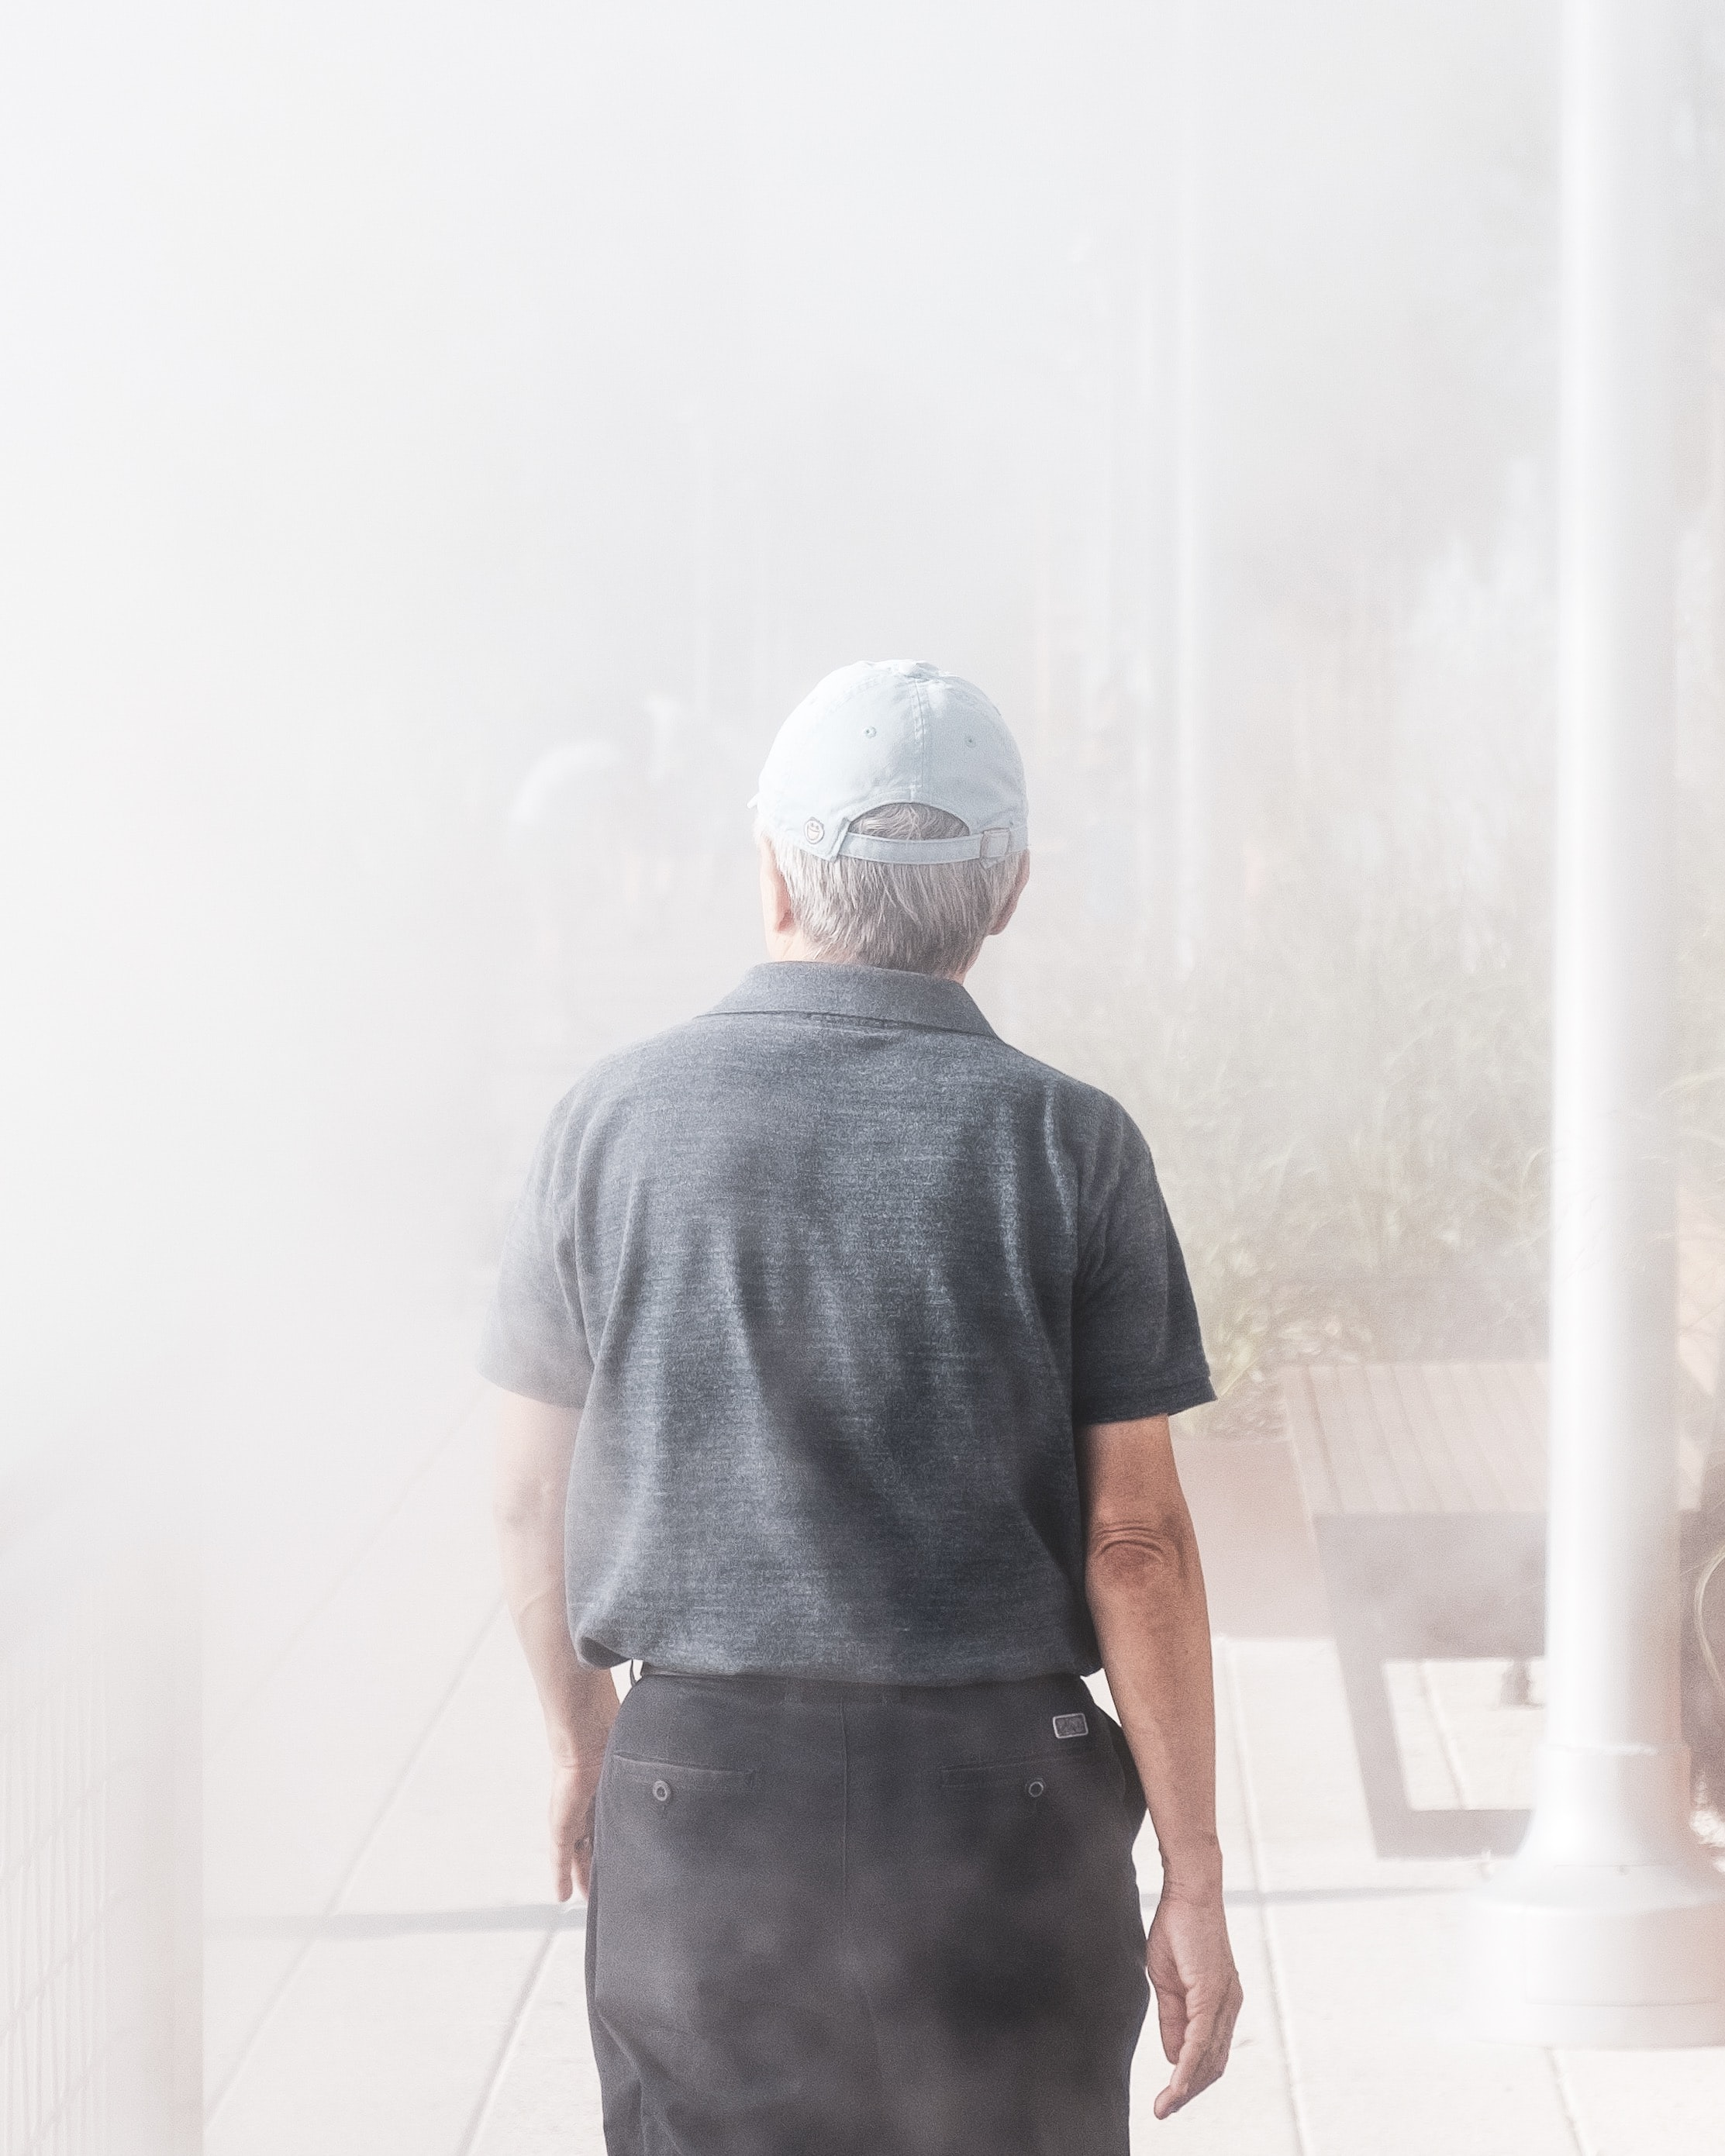 man walking towards smoke-covered building